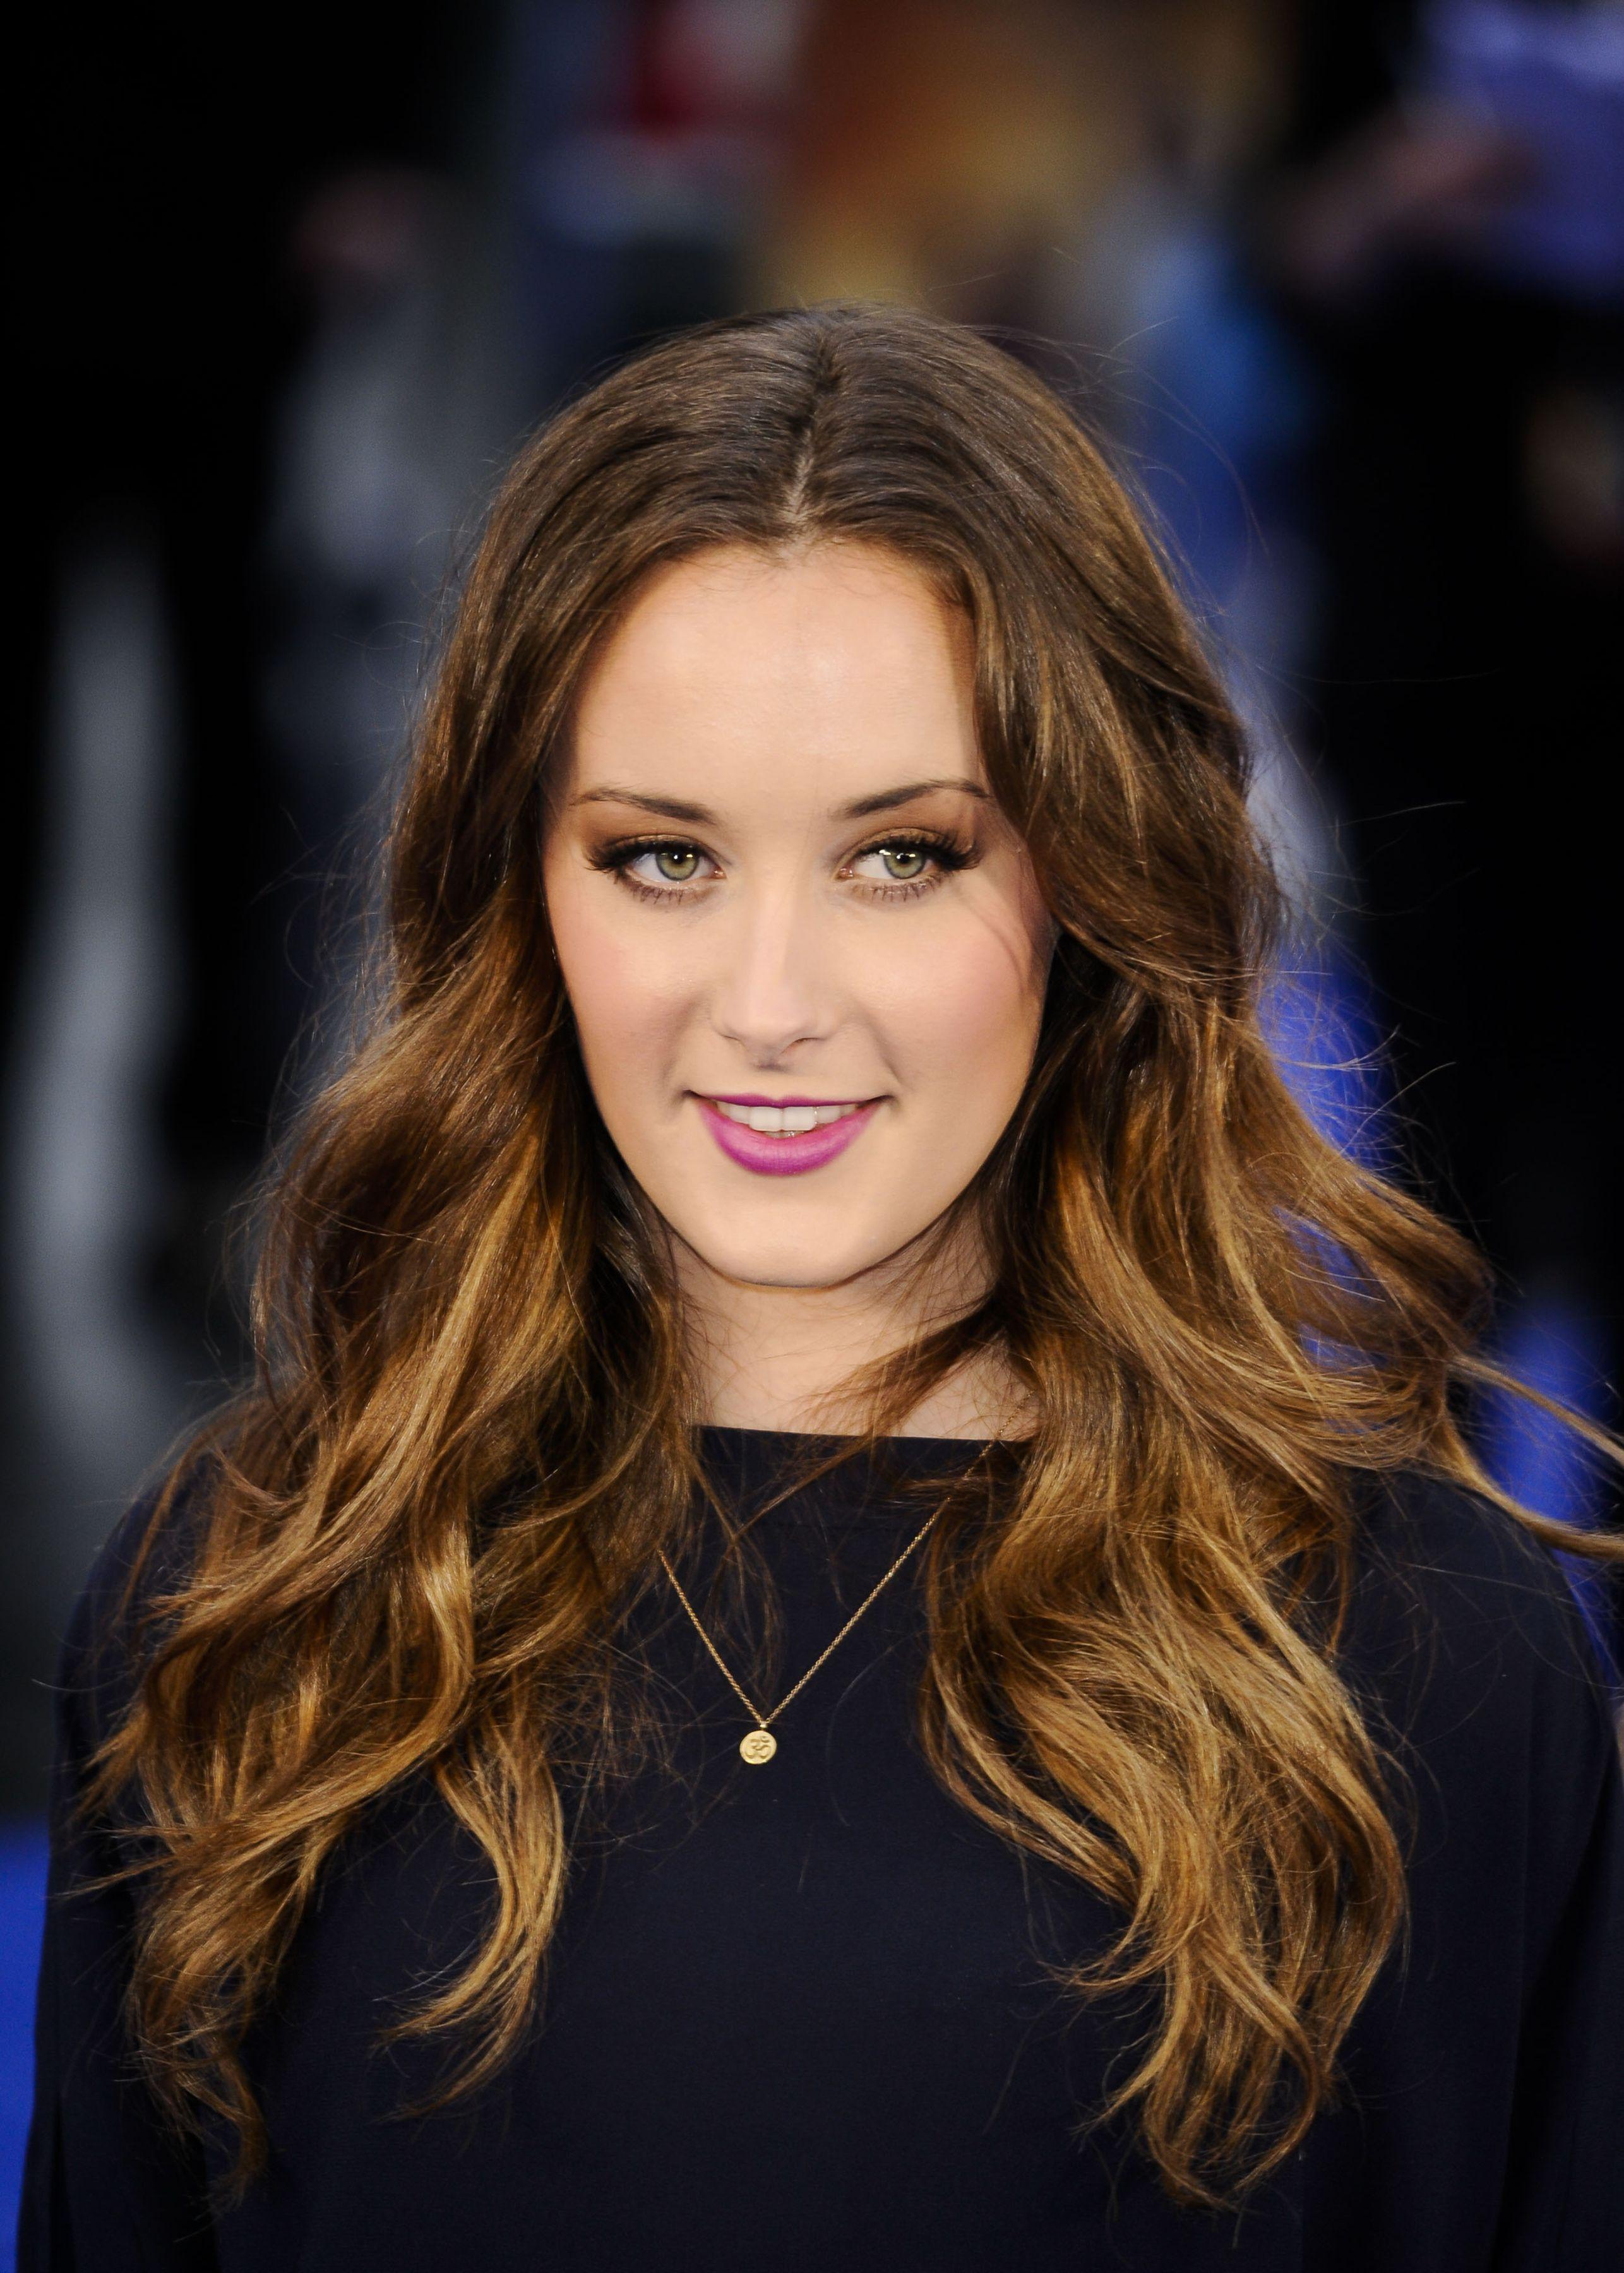 April Pearson (born 1989)